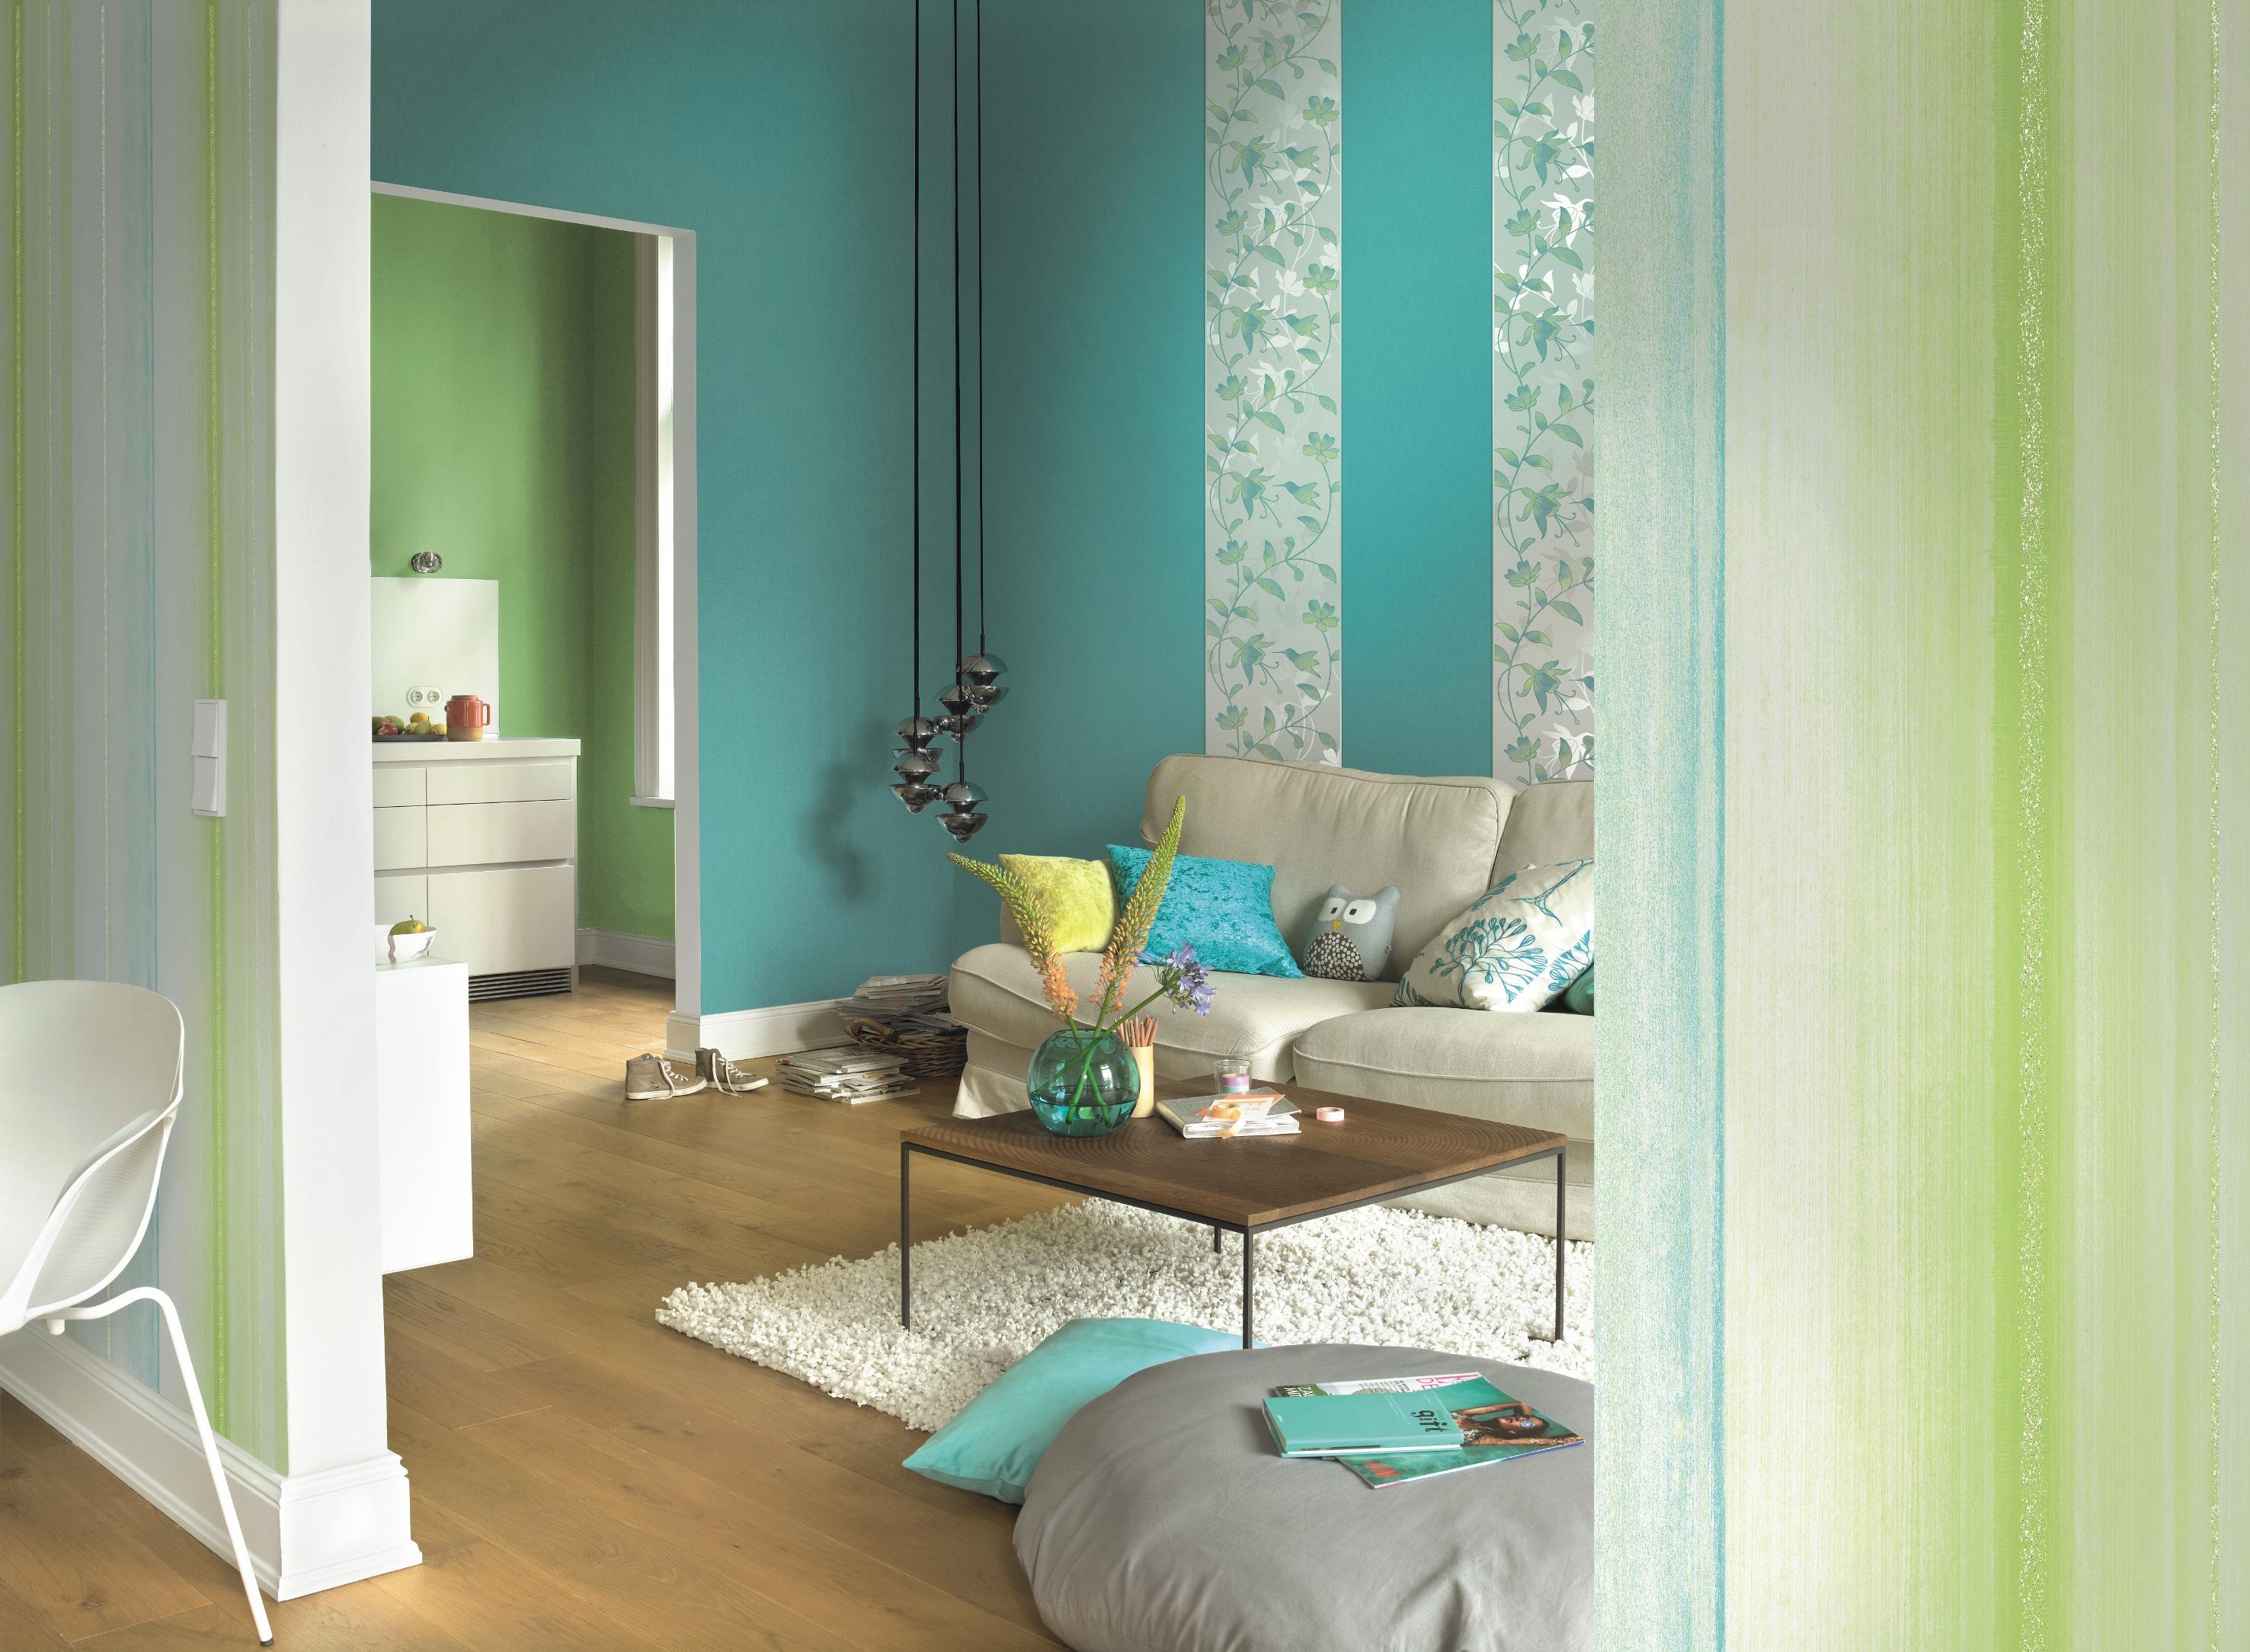 Wandgestaltung In Blau Grün #wandgestaltung #pouf #pendelleuchte #tapete  ©Rasch